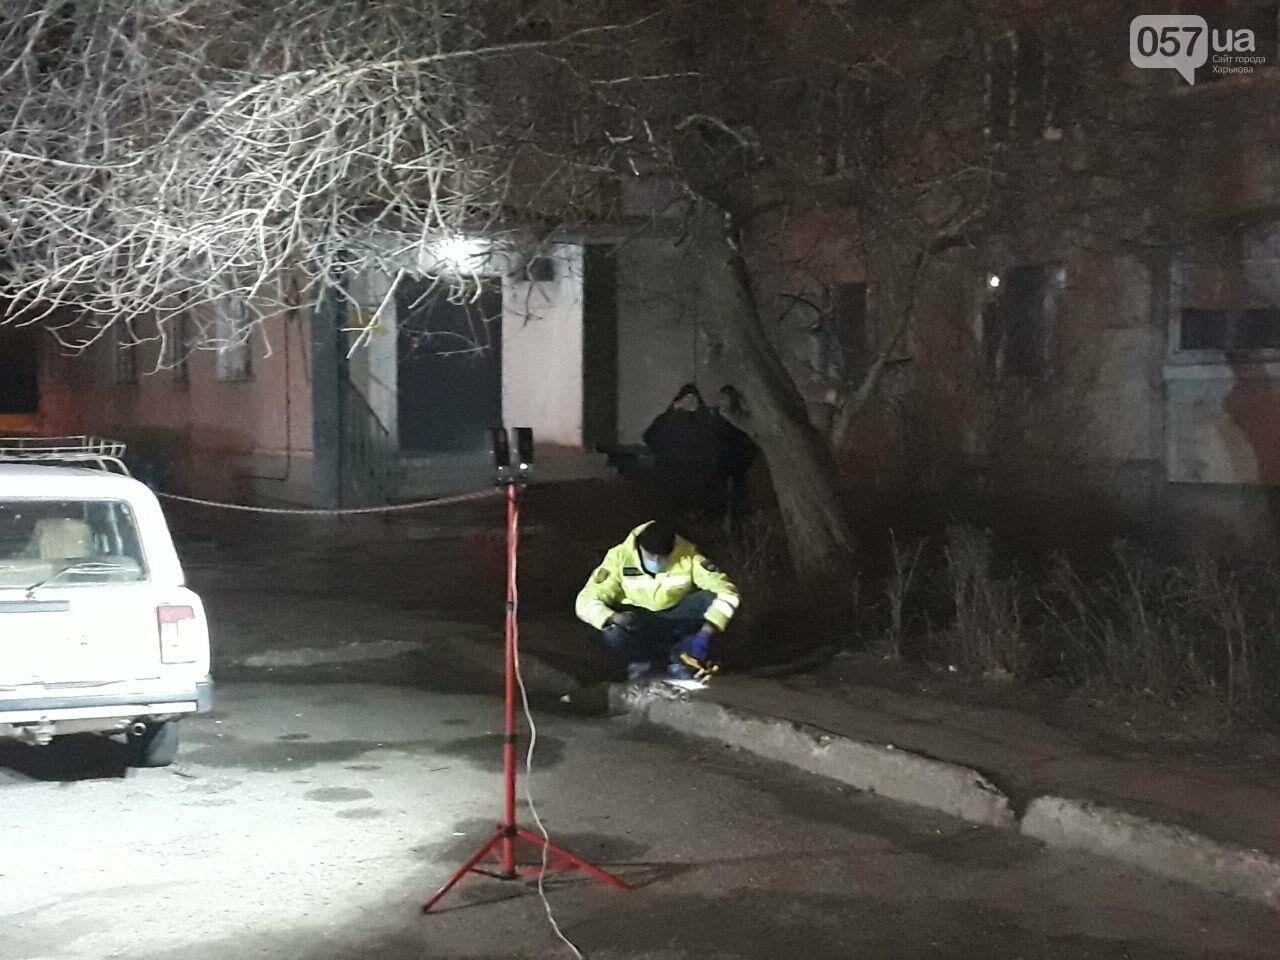 """""""Стрелял в живот"""": медики рассказали подробности смерти убитого на Танкопия мужчины, - ФОТО, фото-3"""